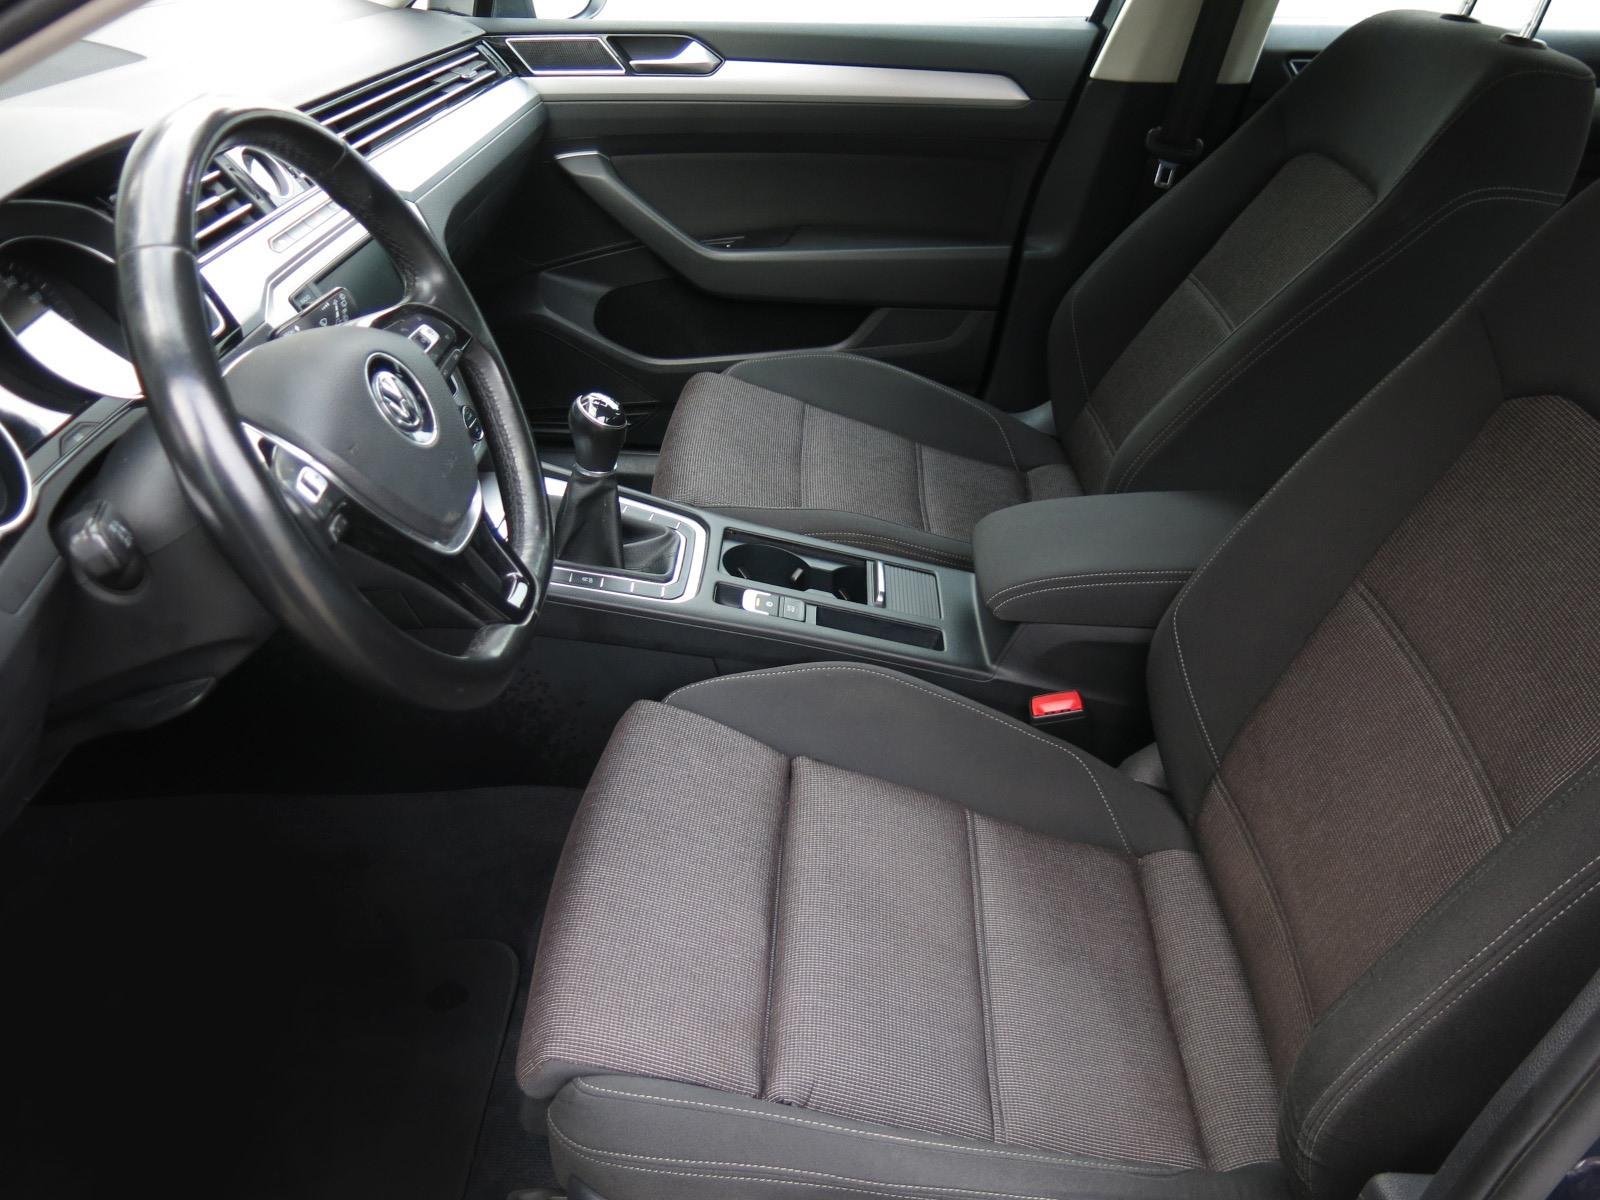 Volkswagen Passat, 2016 - pohled č. 11